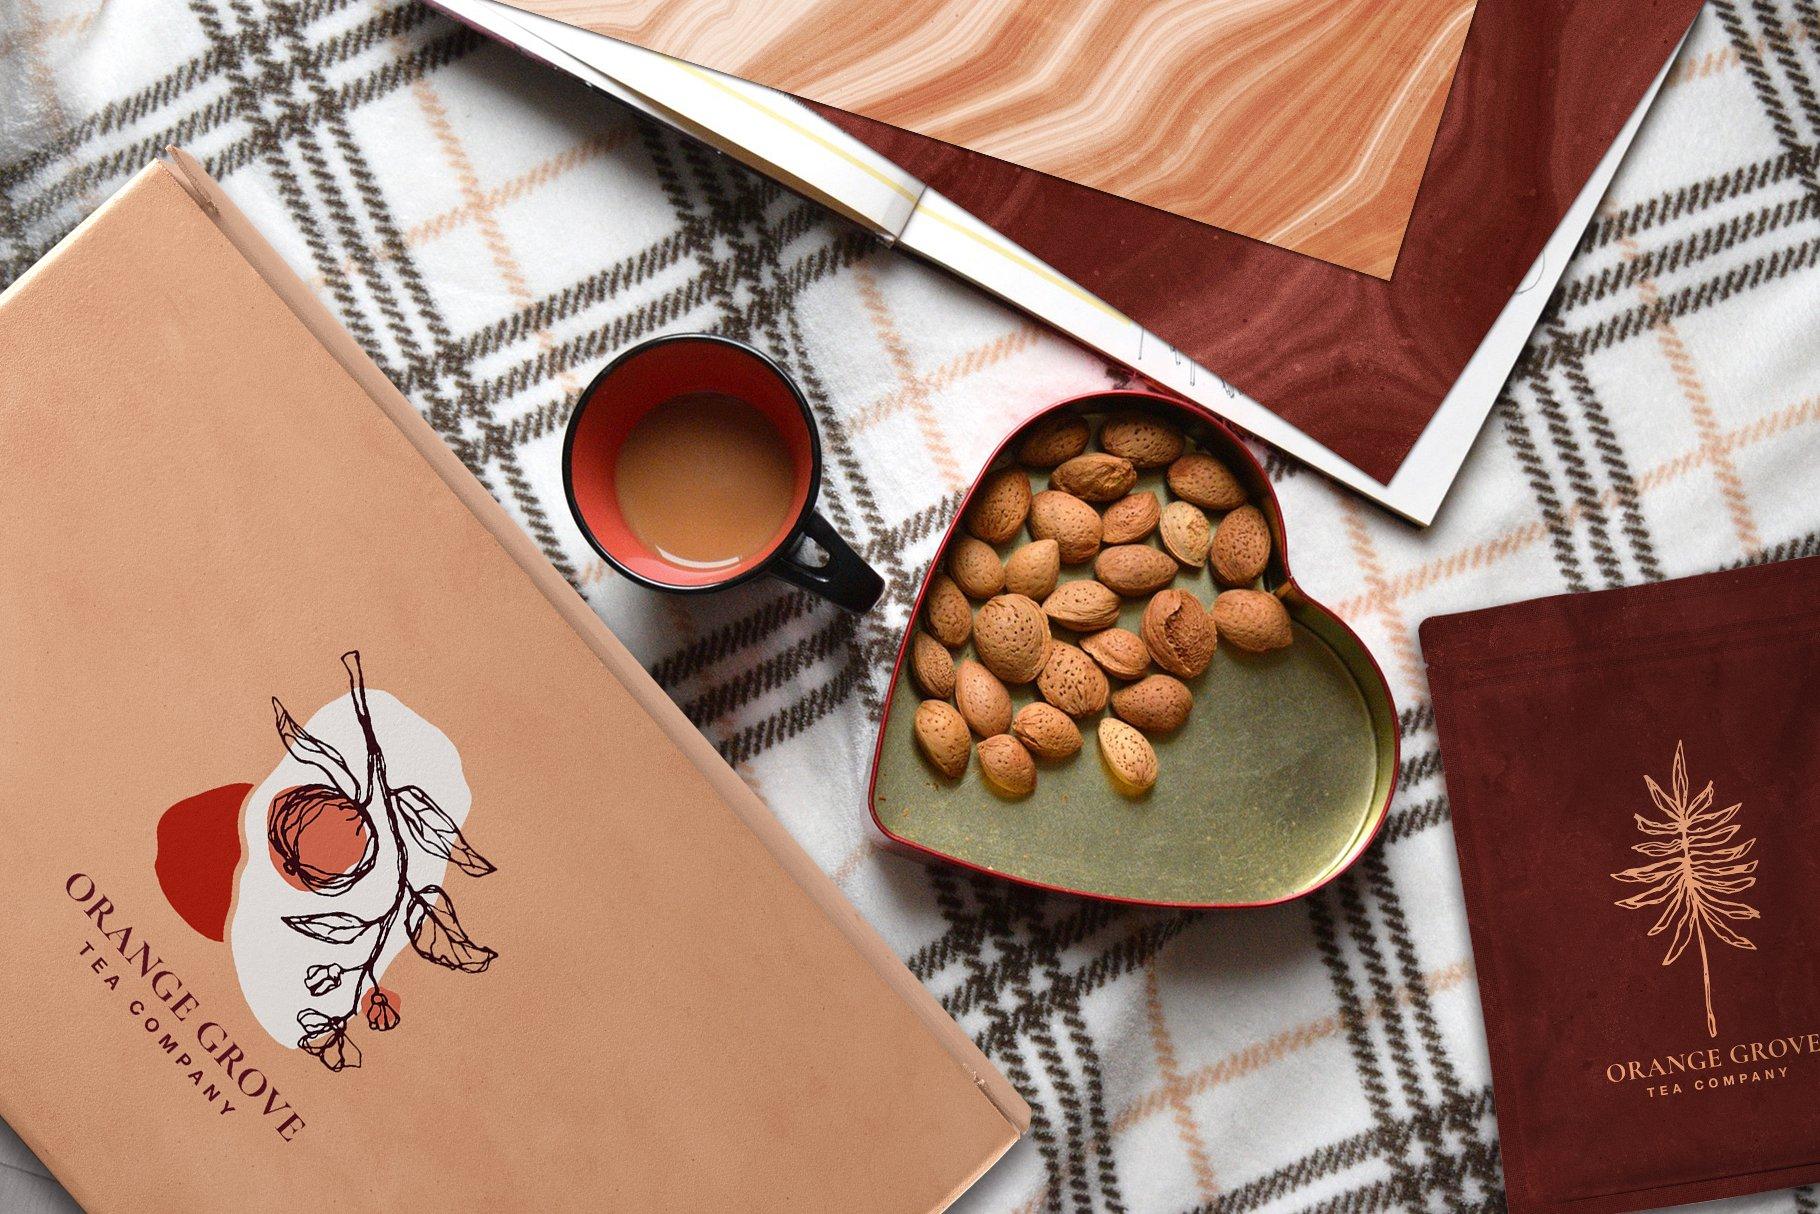 [单独购买] 现代优雅抽象花卉图形艺术线条金色箔纸设计套件 Abstract Line Art Design Kit插图1